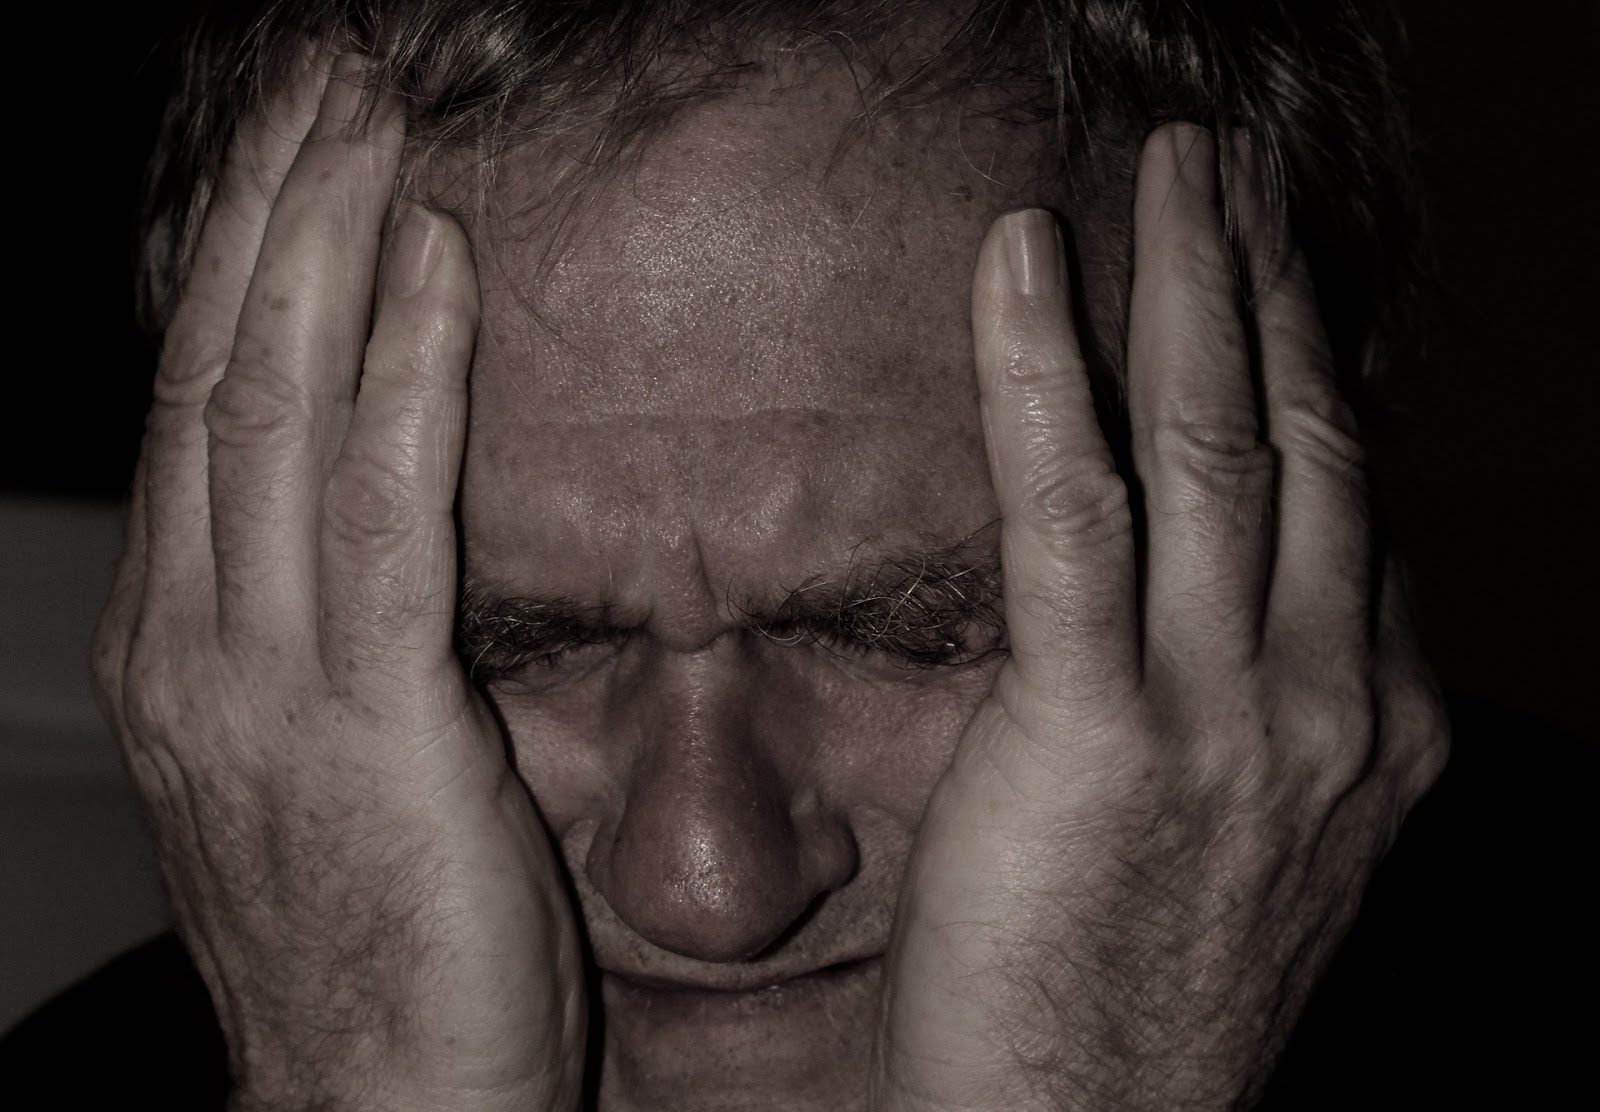 wat te doen tegen psoriasis